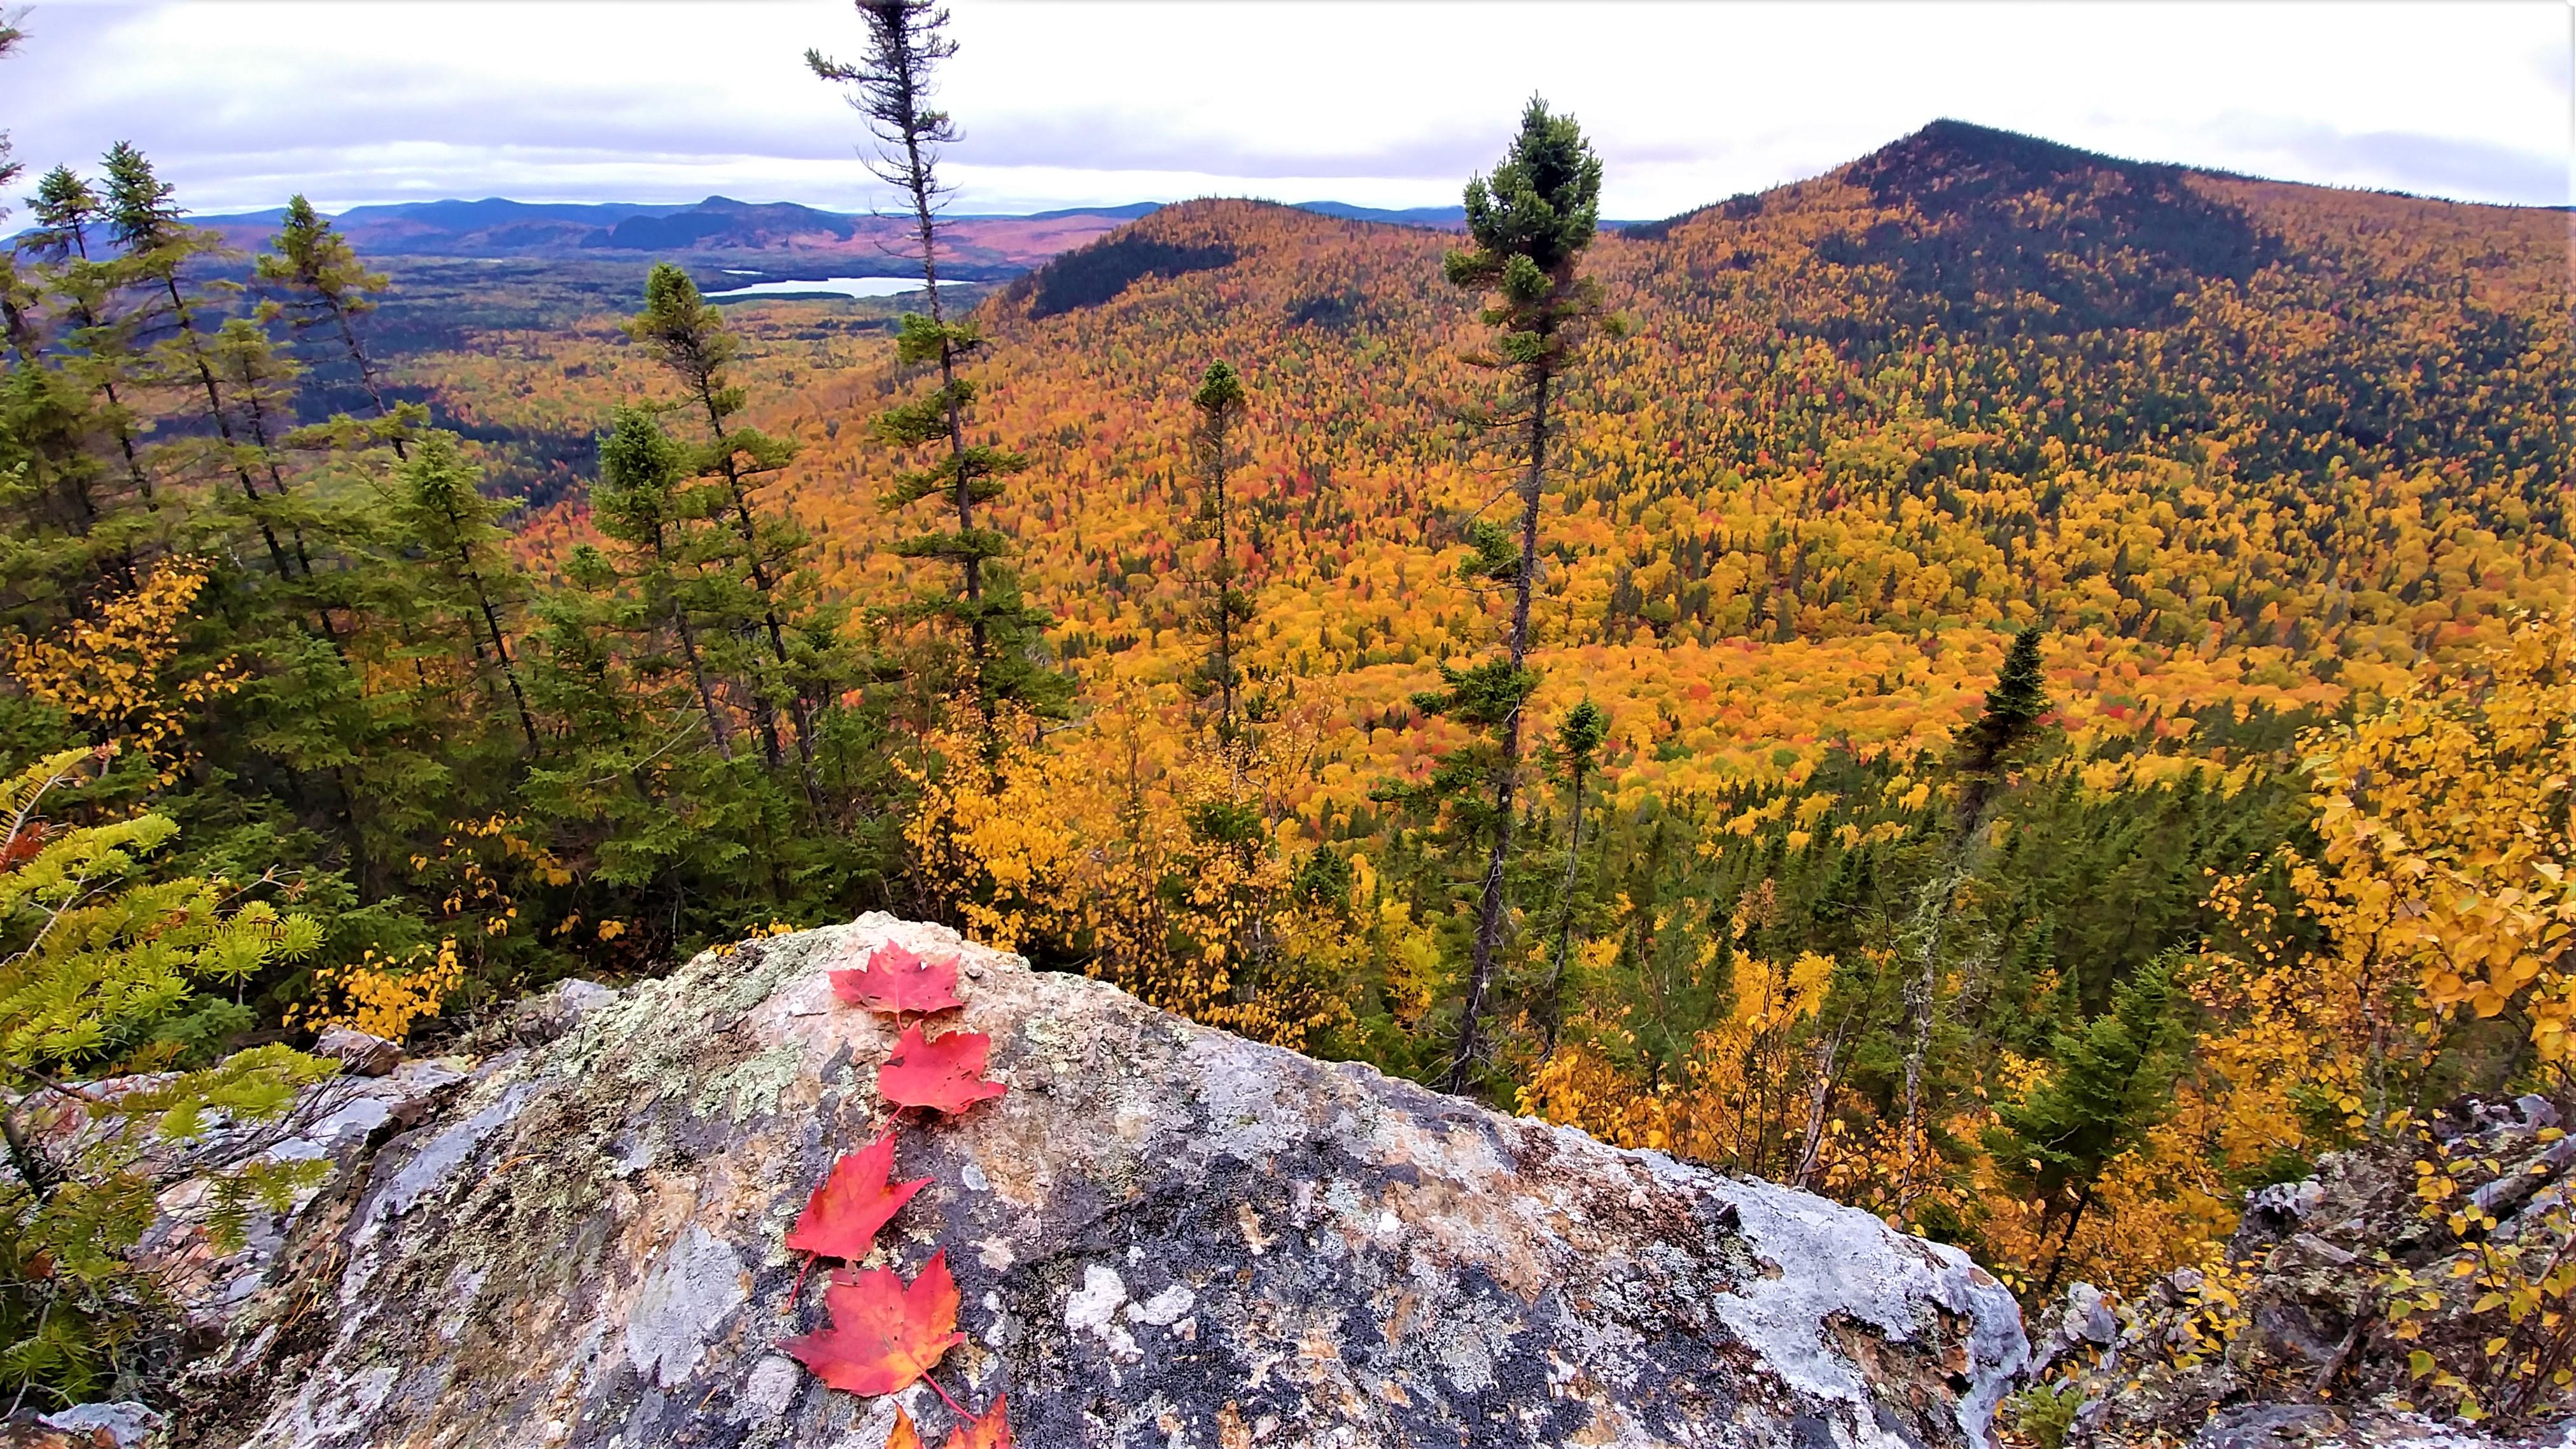 Mont Carleton lac Bathurst Nouveau-Brunswick Canada Acadie road-trip automne blog voyage road-trip arpenter le chemin.JPG